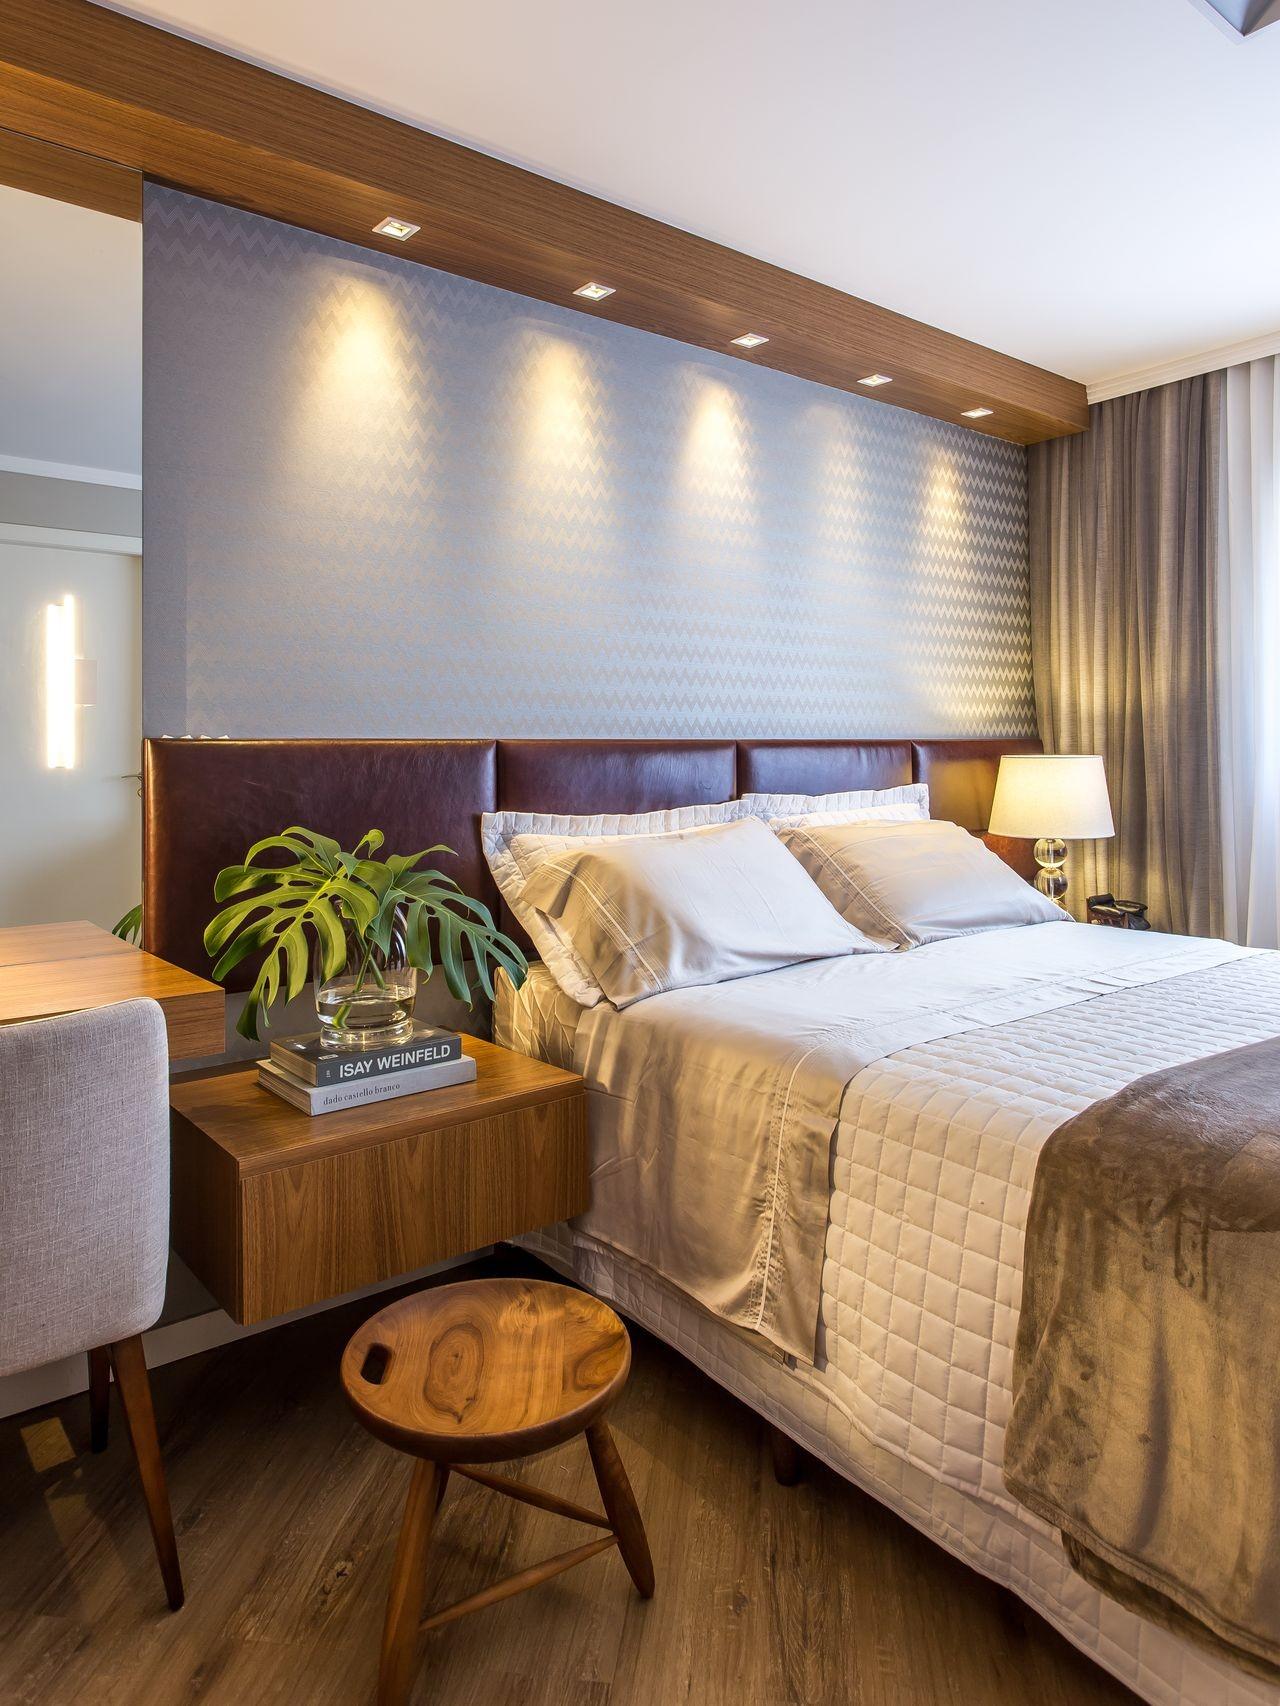 أشكال إضاءة غرف النوم - إضاءة سقف